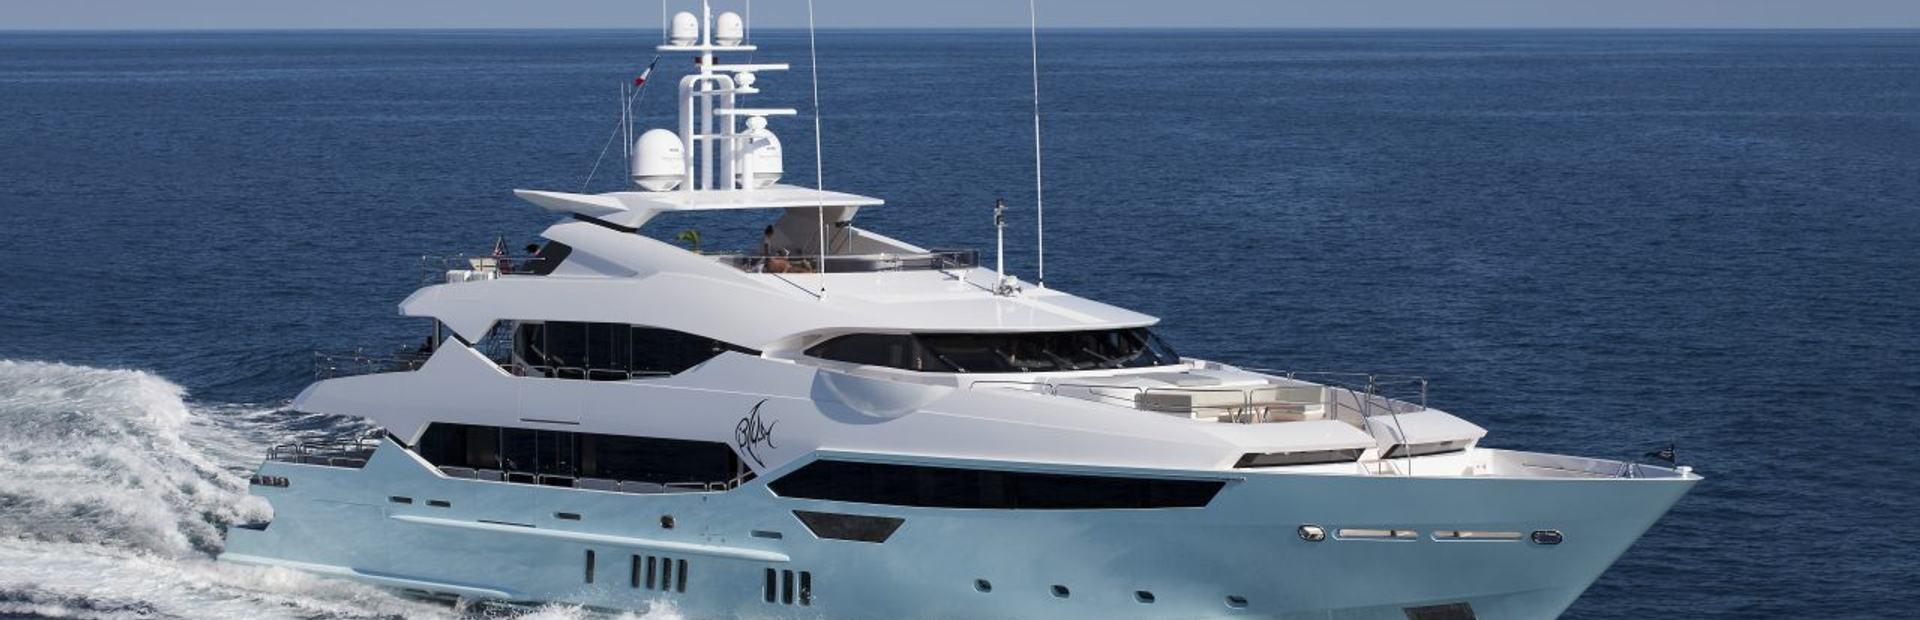 155 Yacht Yacht Charter